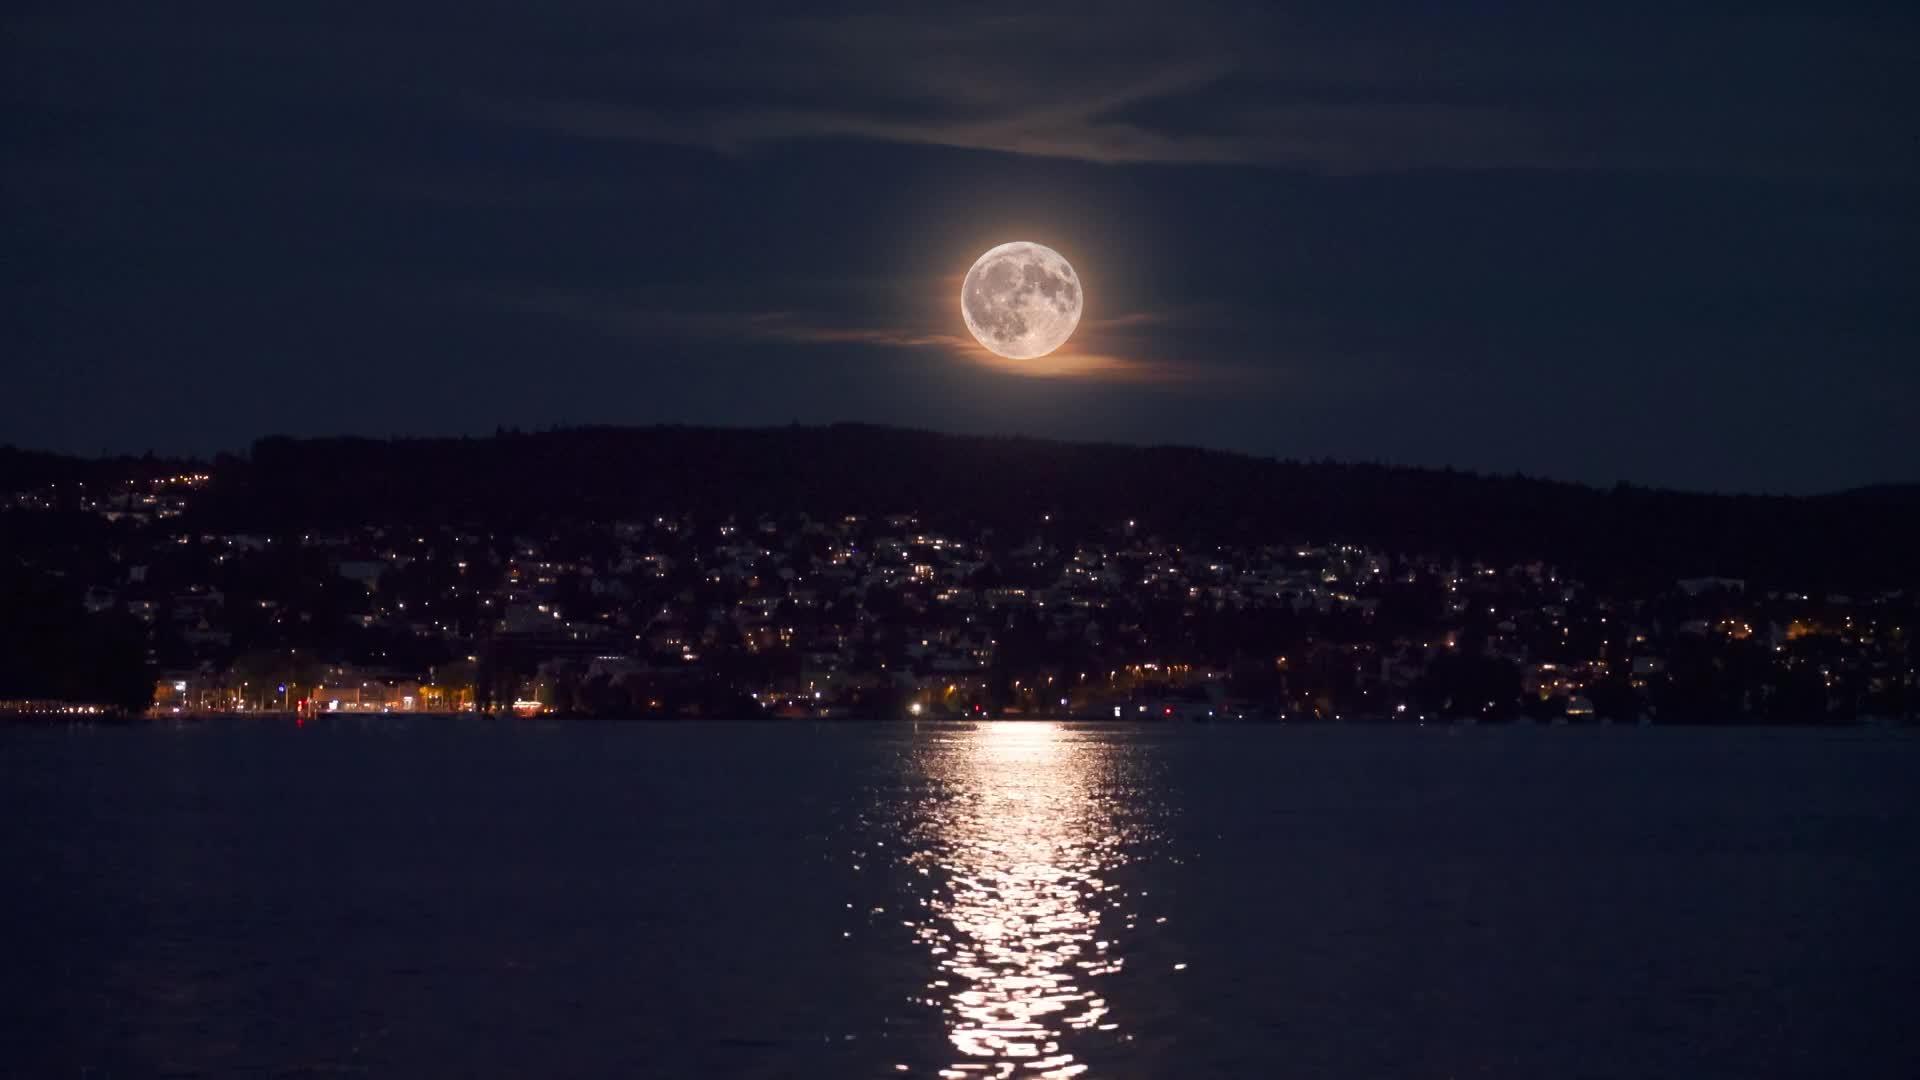 Цюрихское озеро - Lake Zurich - живые обои